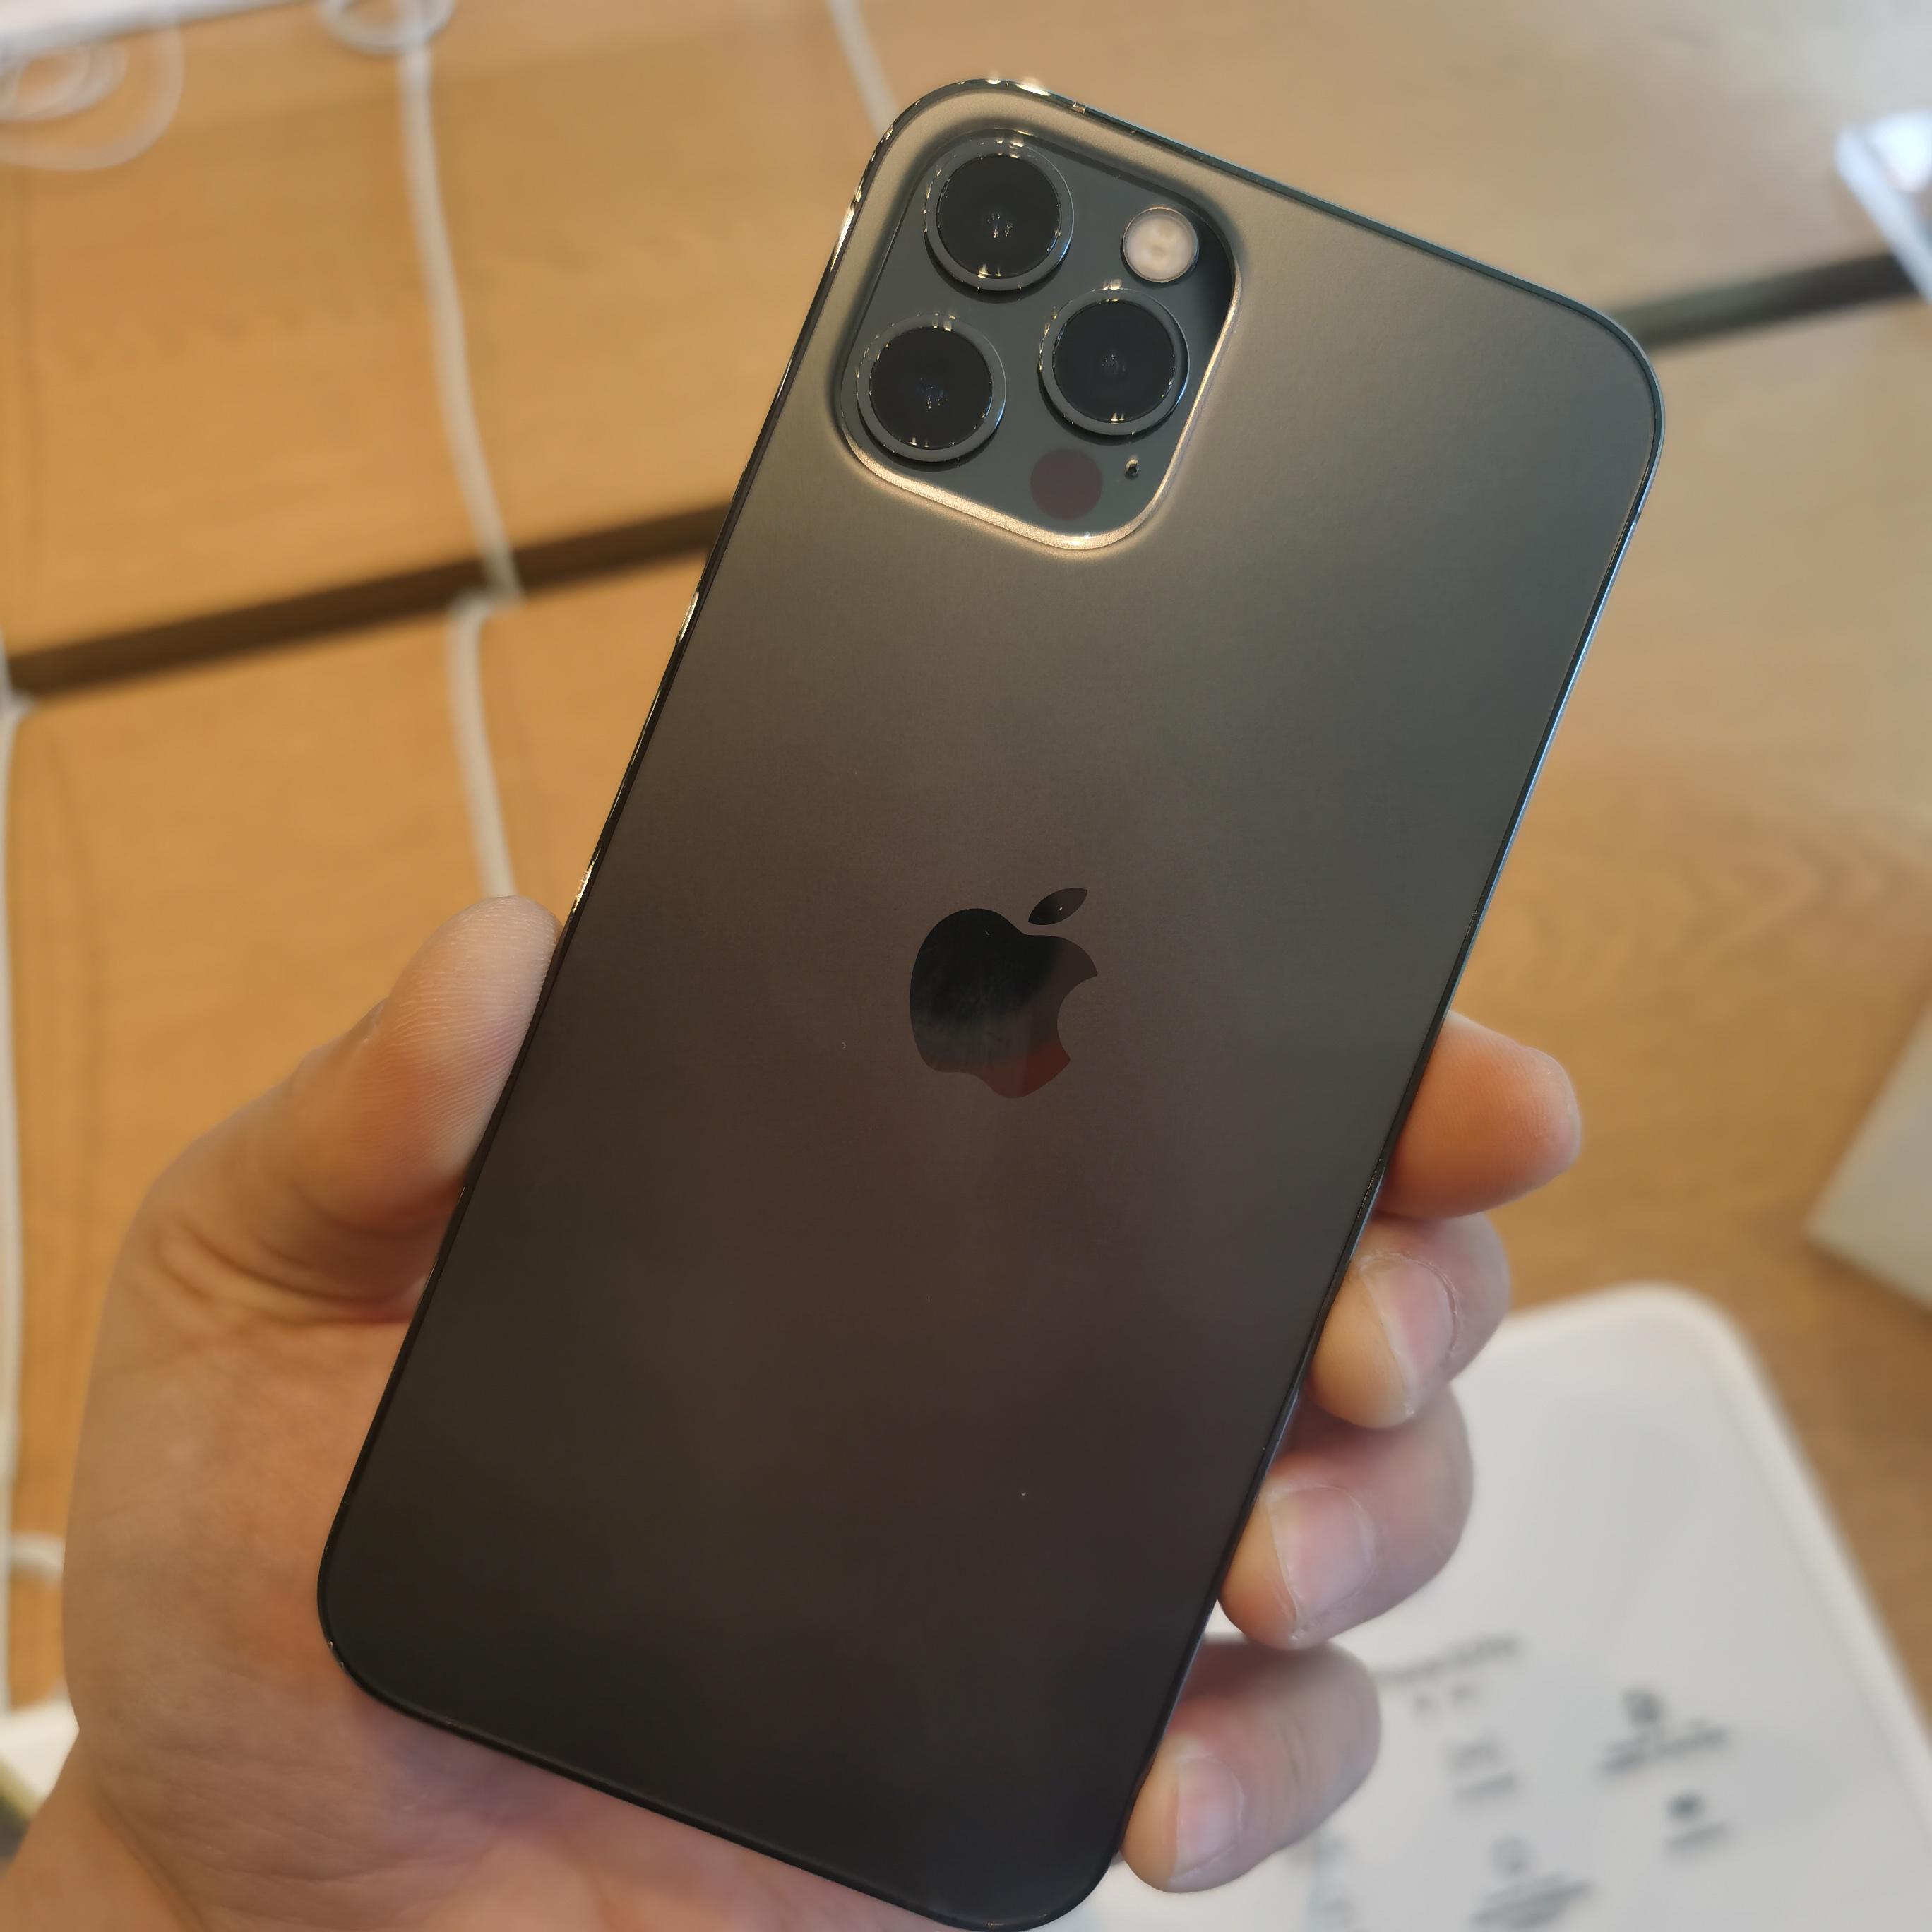 正品全网通 5G 手机全新国行 Max Pro 12 iPhone 苹果 Apple 新款 2020